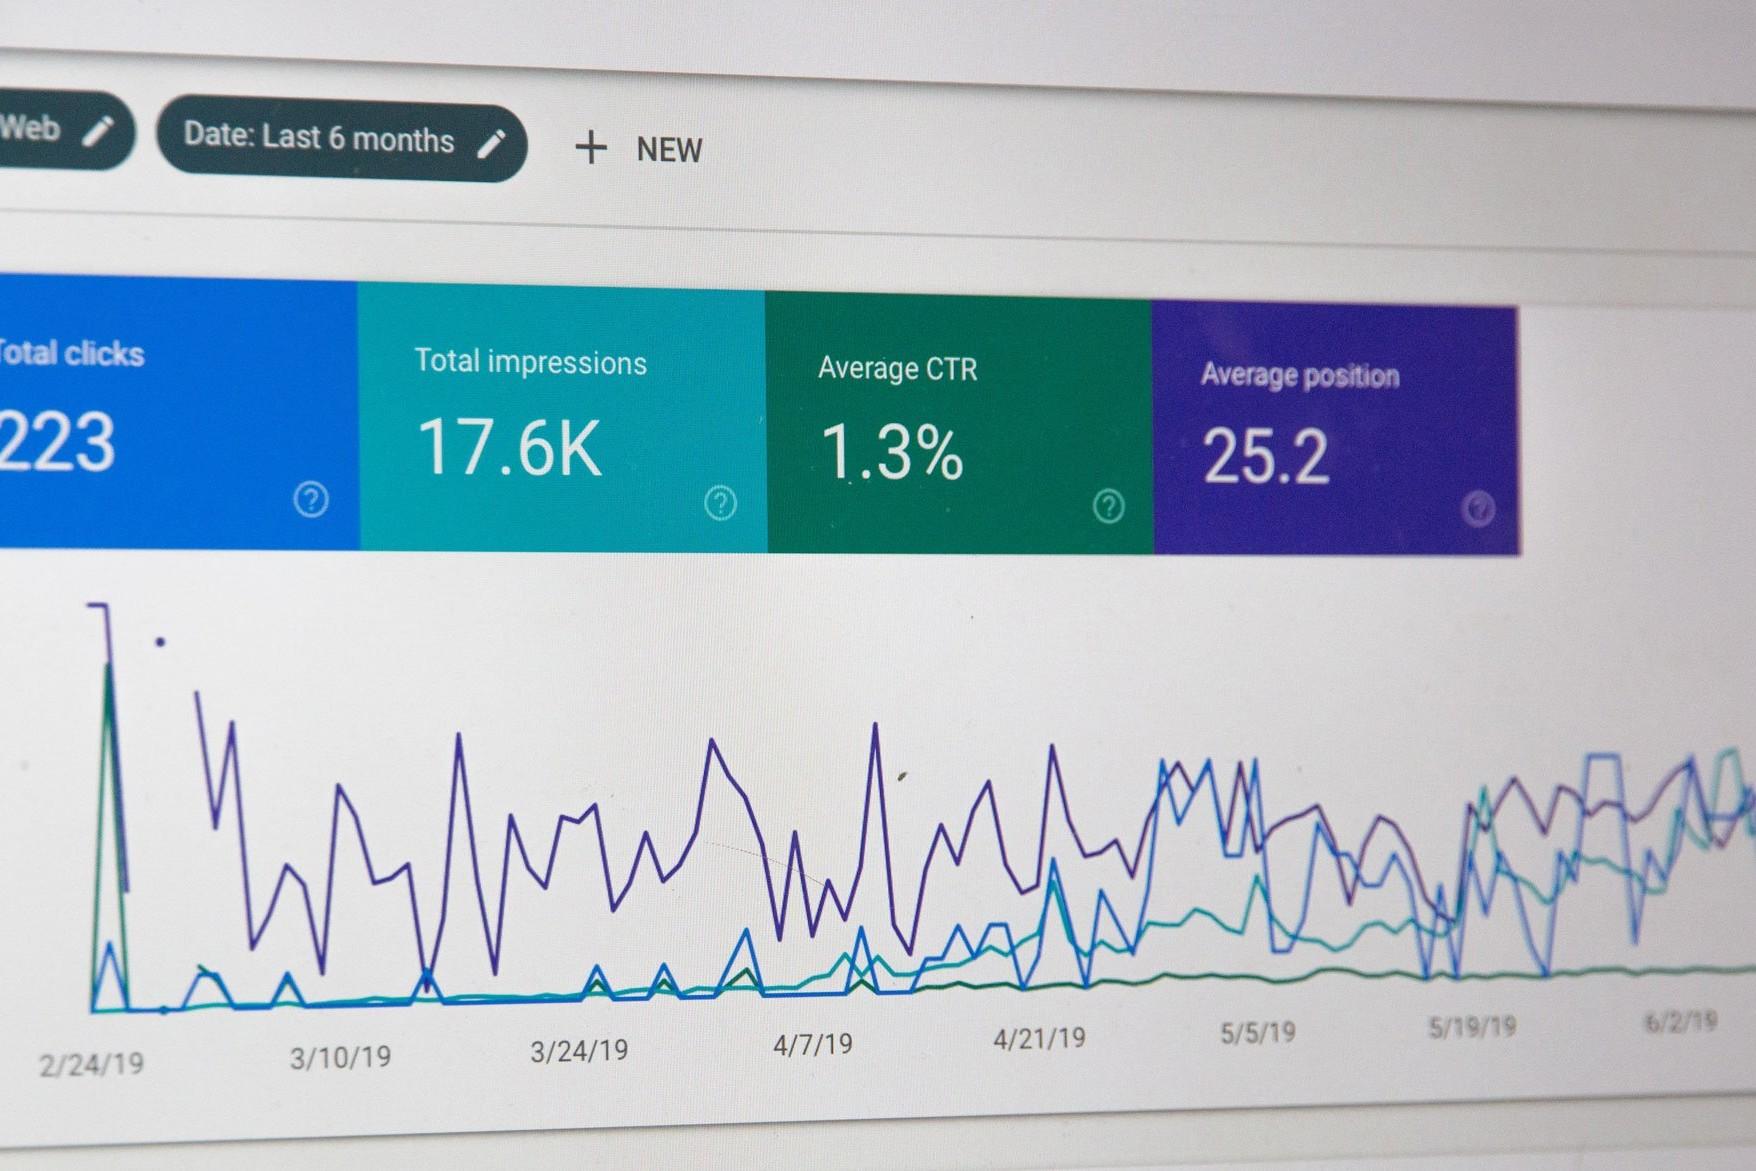 CTR-Optimierung: So steigert ihr die Klickraten bei Google 4